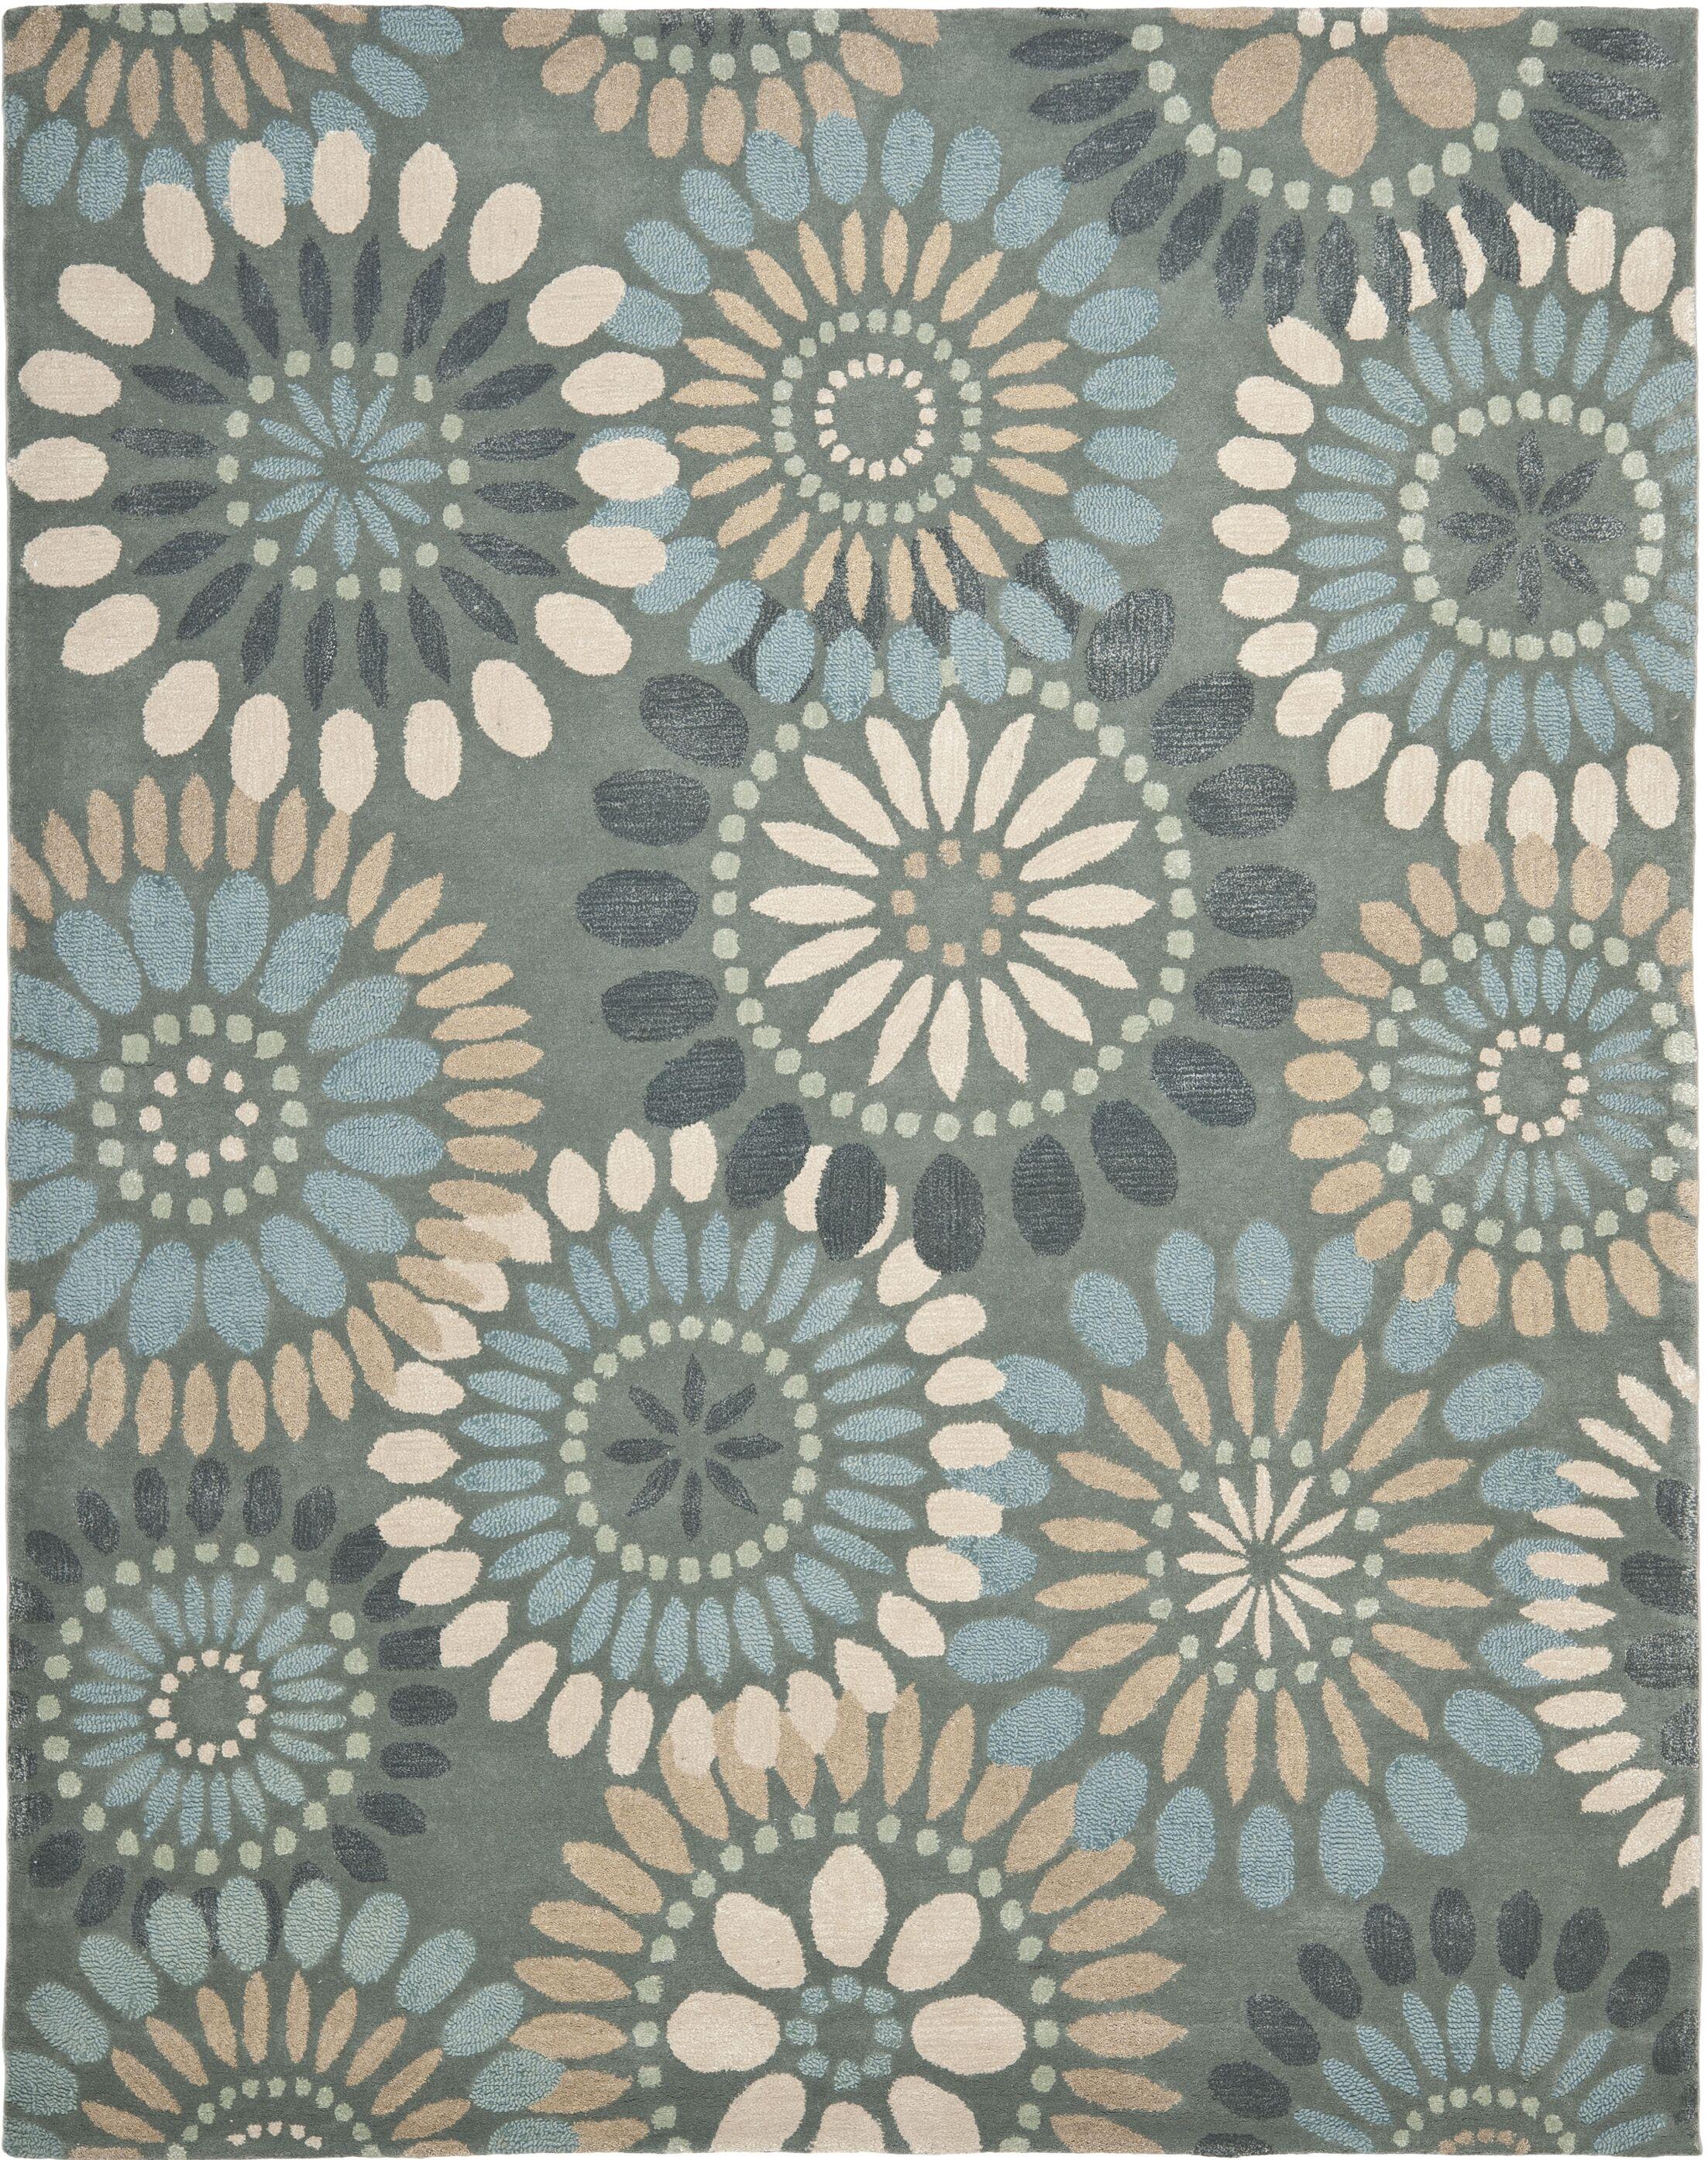 Jardin Grey & Blue Floral Area Rug Rug Size: 8' x 10'